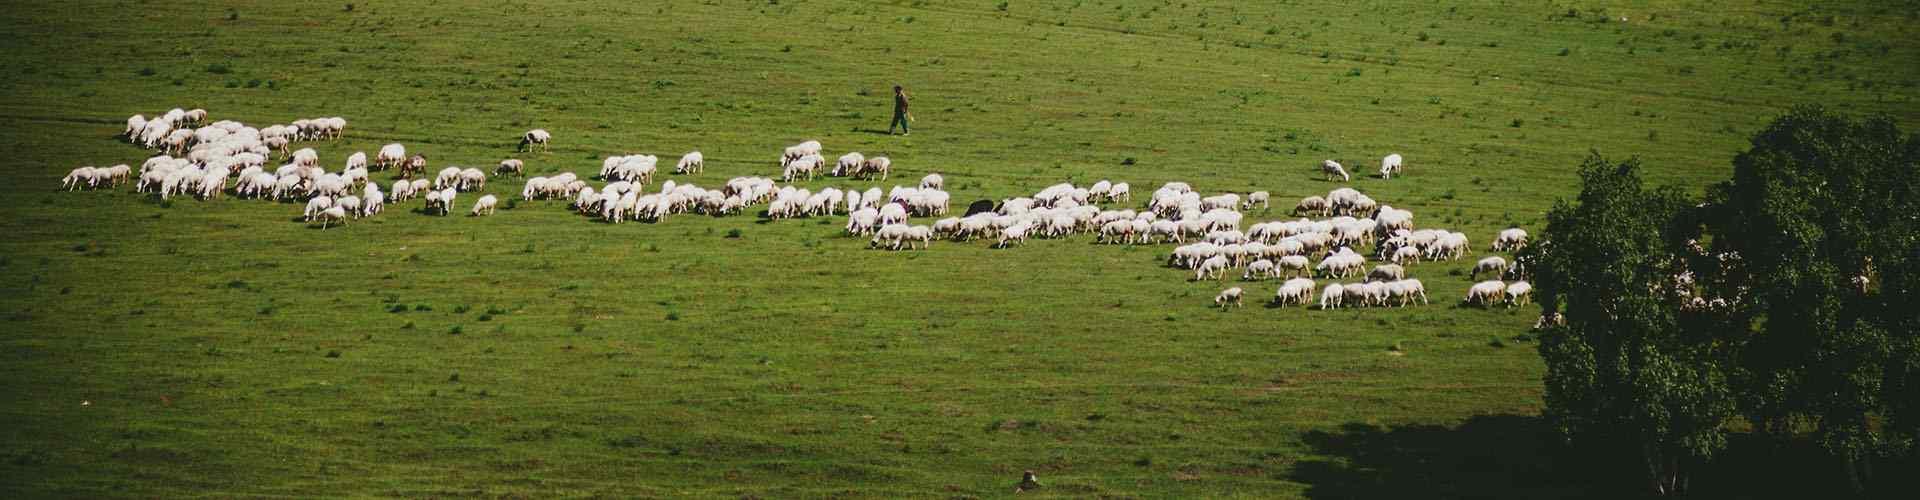 草原牧羊风景_草原风景图片_草原羊群图片_小清新风景图片_羊群图片_风景壁纸